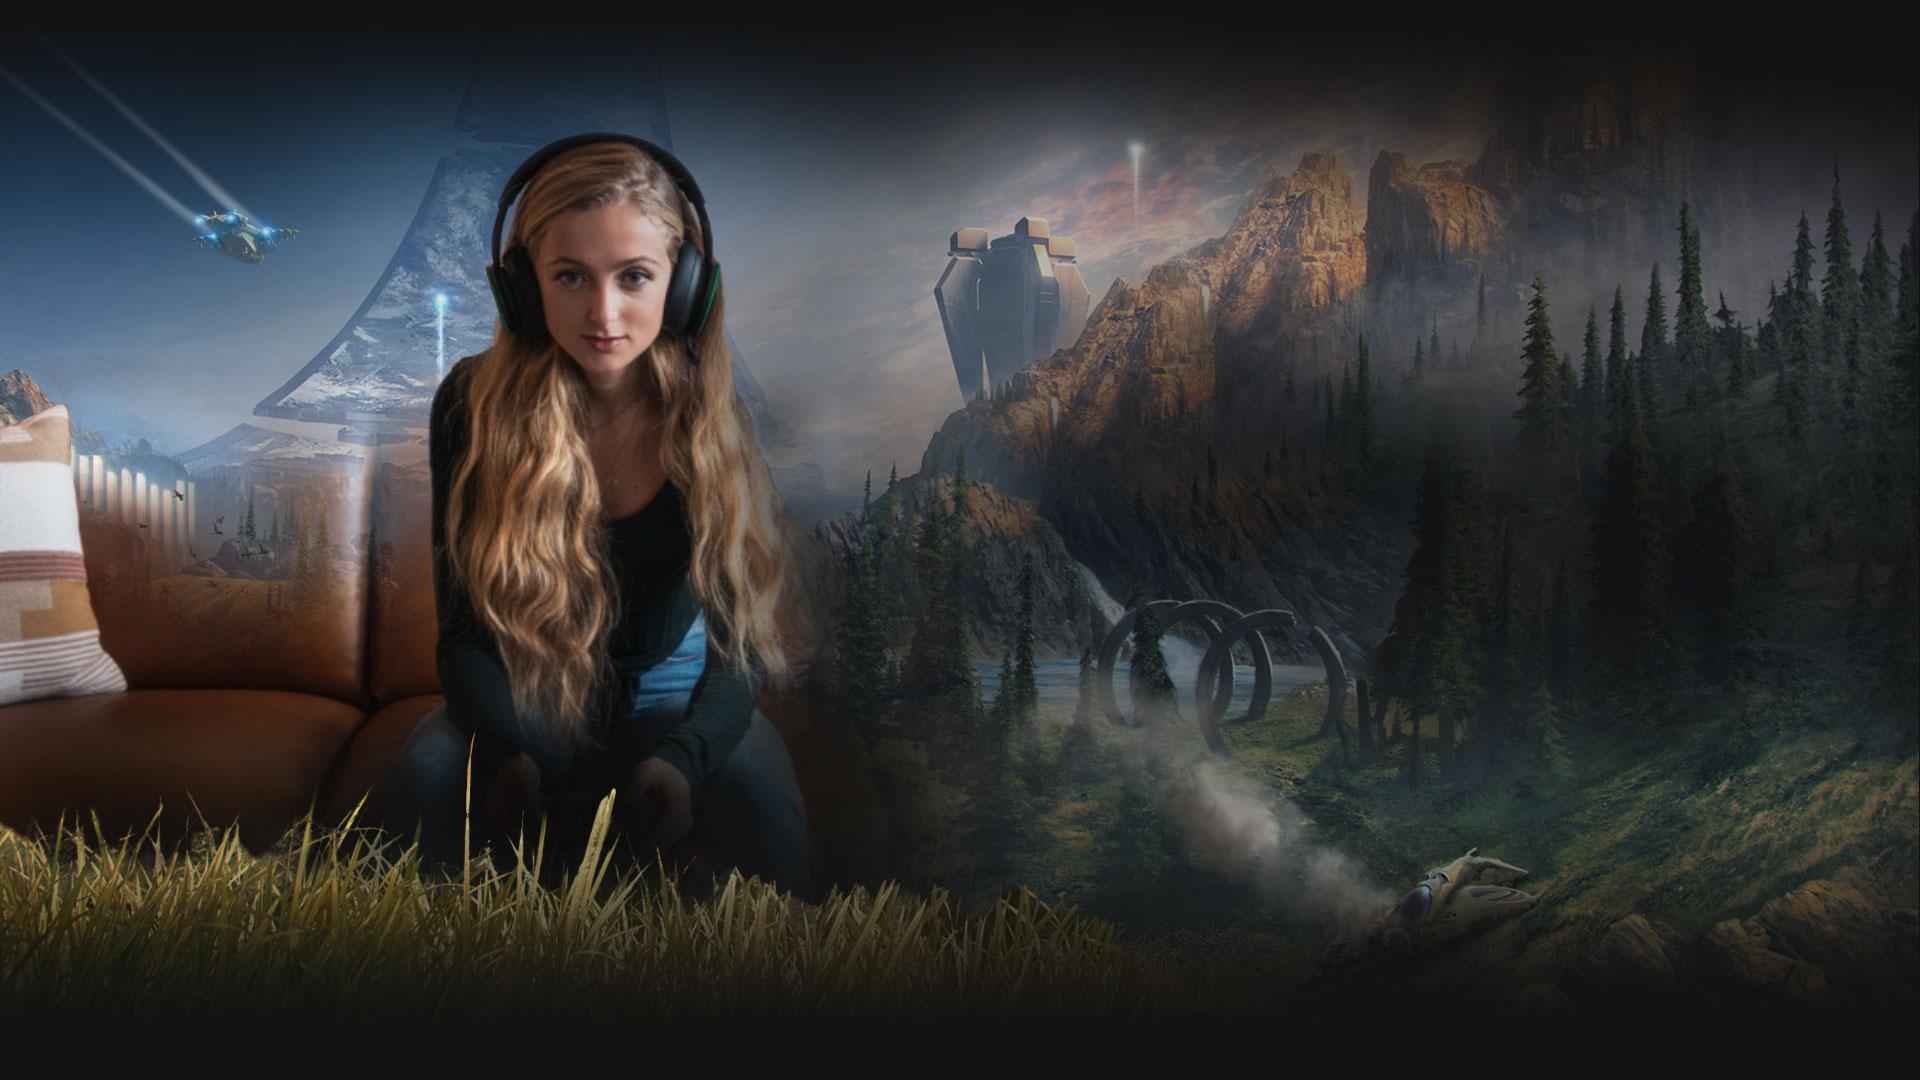 Kendini Halo Infinite dünyasına kaptırmış bir kadın Xbox Kablosuz Mikrofonlu Kulaklık takarak bir kanepede oturuyor.